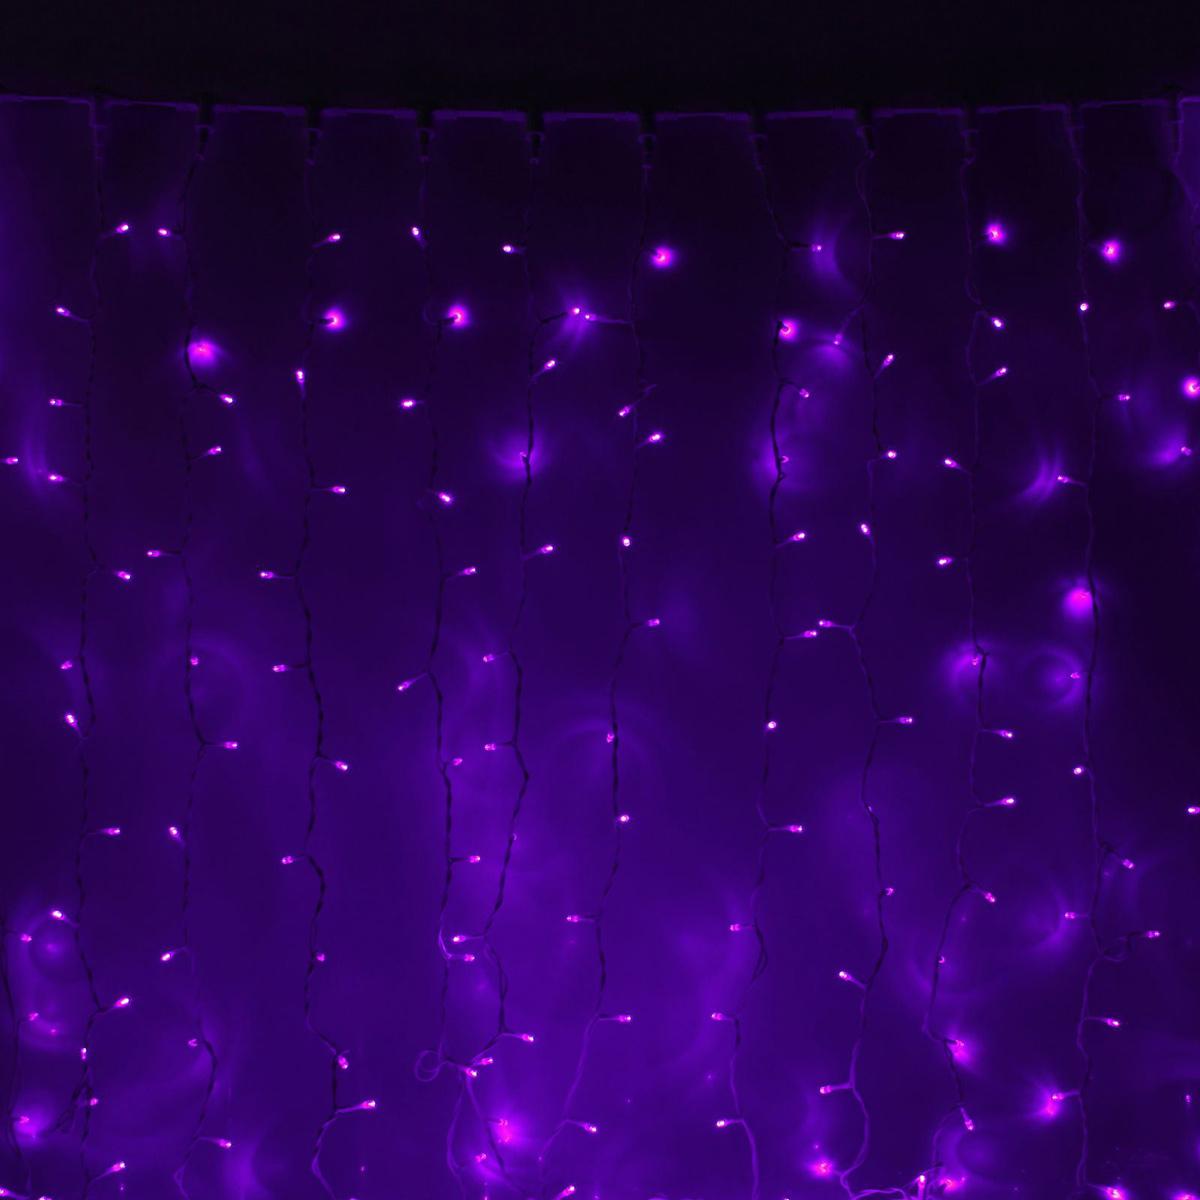 Гирлянда светодиодная Luazon Занавес, цвет: фиолетовый, уличная, 1440 ламп, 220 V, 2 х 6 м. 10802711080271Гирлянда светодиодная Luazon Занавес - это отличный вариант для новогоднего оформления интерьера или фасада. С ее помощью помещение любого размера можно превратить в праздничный зал, а внешние элементы зданий, украшенные гирляндой, мгновенно станут напоминать очертания сказочного дворца. Такое украшение создаст ауру предвкушения чуда. Деревья, фасады, витрины, окна и арки будто специально созданы, чтобы вы украсили их светящимися нитями.